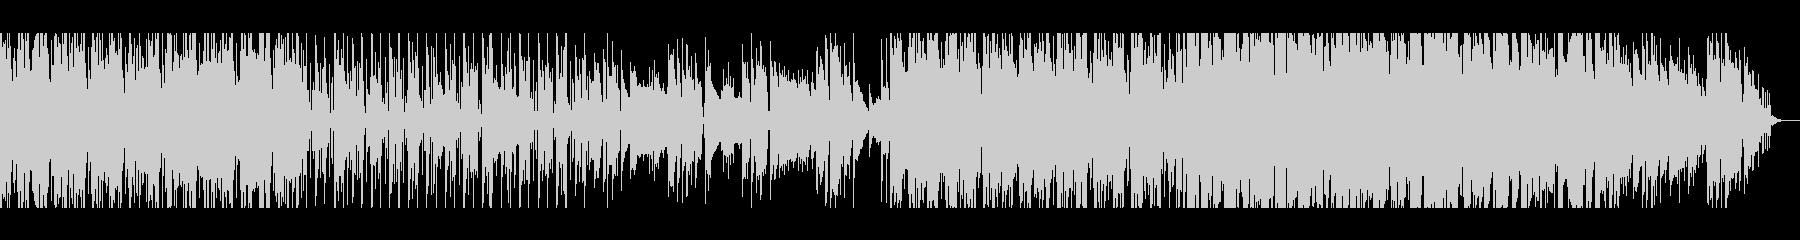 【短いVer1】スペーシーファンクの未再生の波形